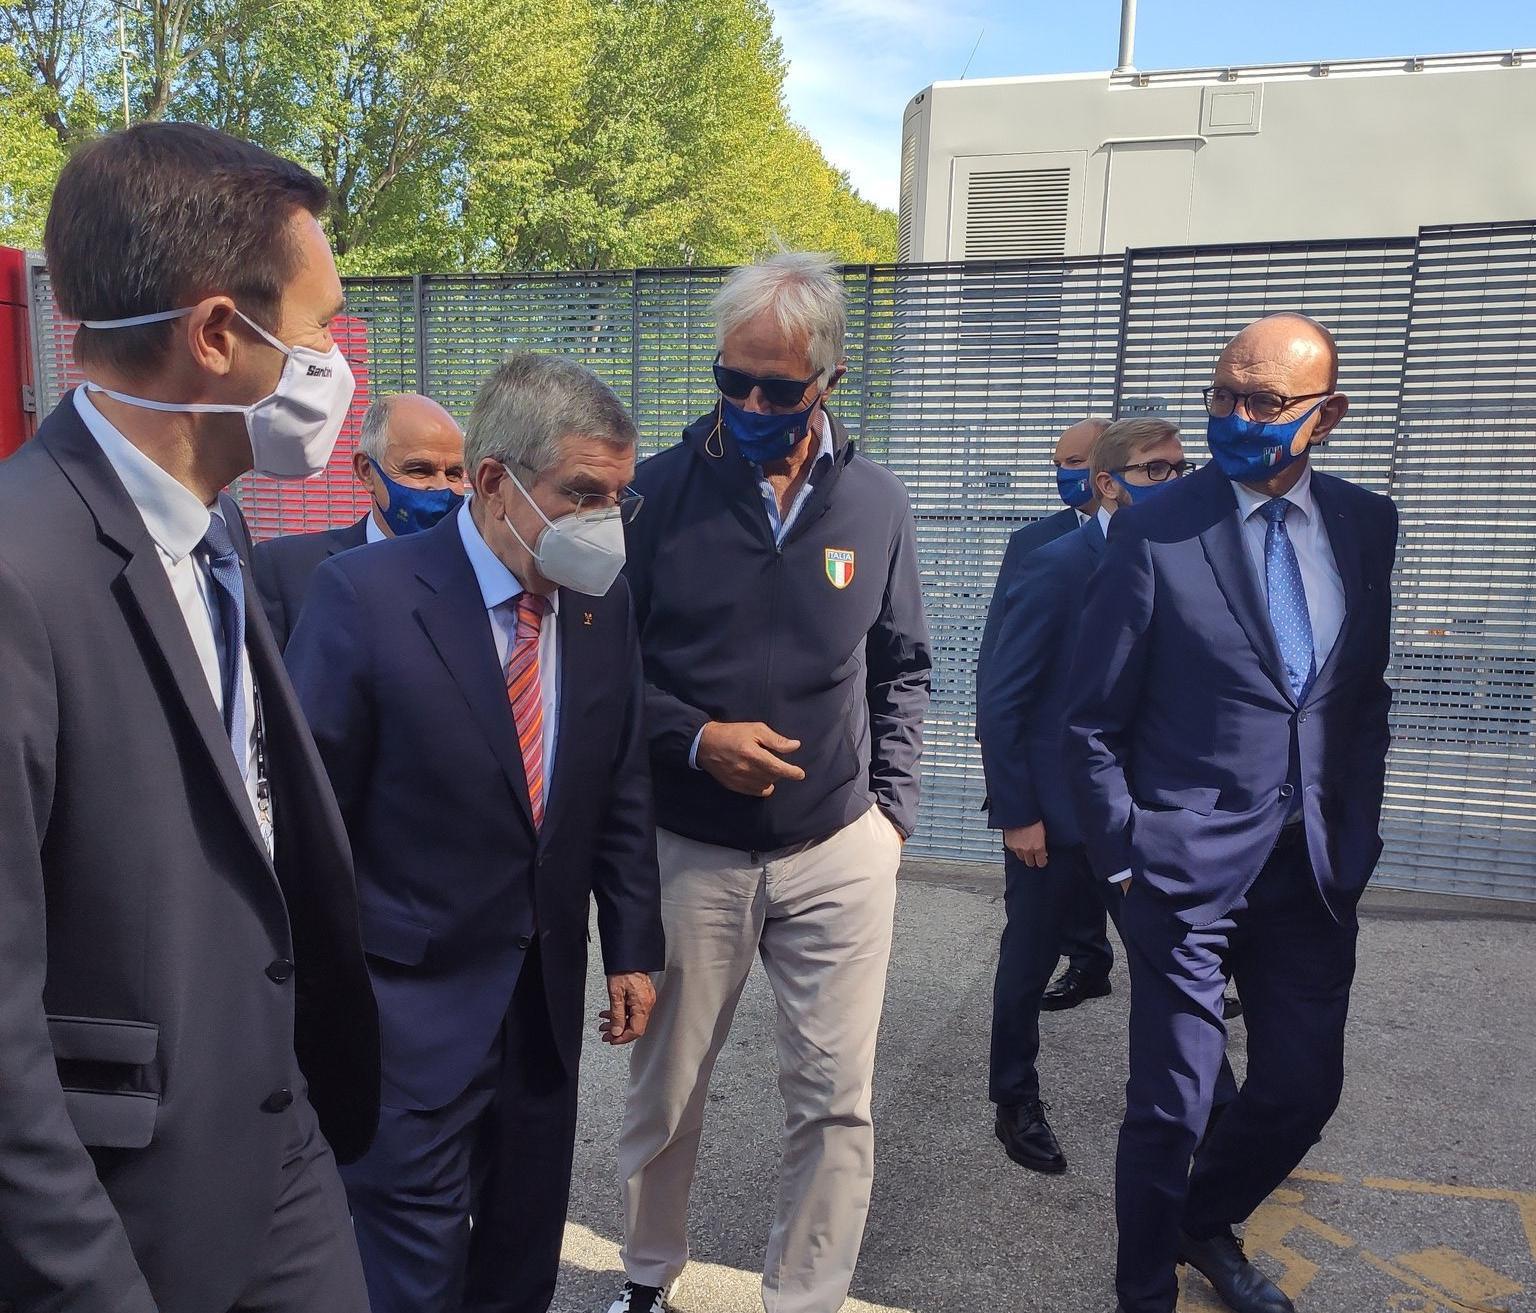 Президент МОК Т. Бах утверждает, что МОК будет «очень обеспокоен» организацией зимних Олимпийских и Паралимпийских Игр 2026 года, если итальянский закон о спорте будет одобрен